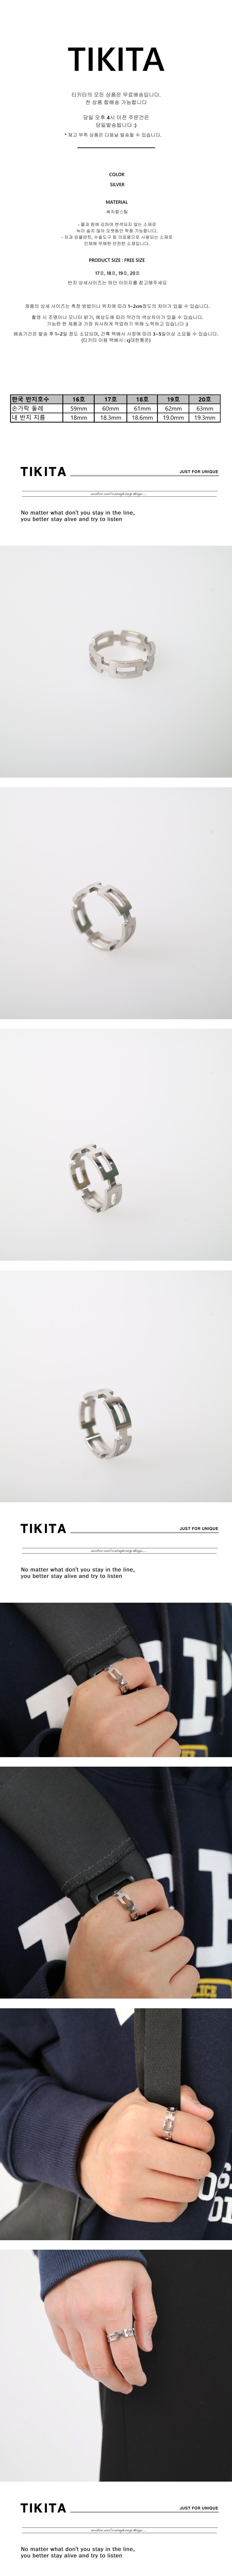 남자 반지 써지컬스틸 실버 바퀴 링 BIG WHEEL - 티키타, 13,000원, 남성주얼리, 반지